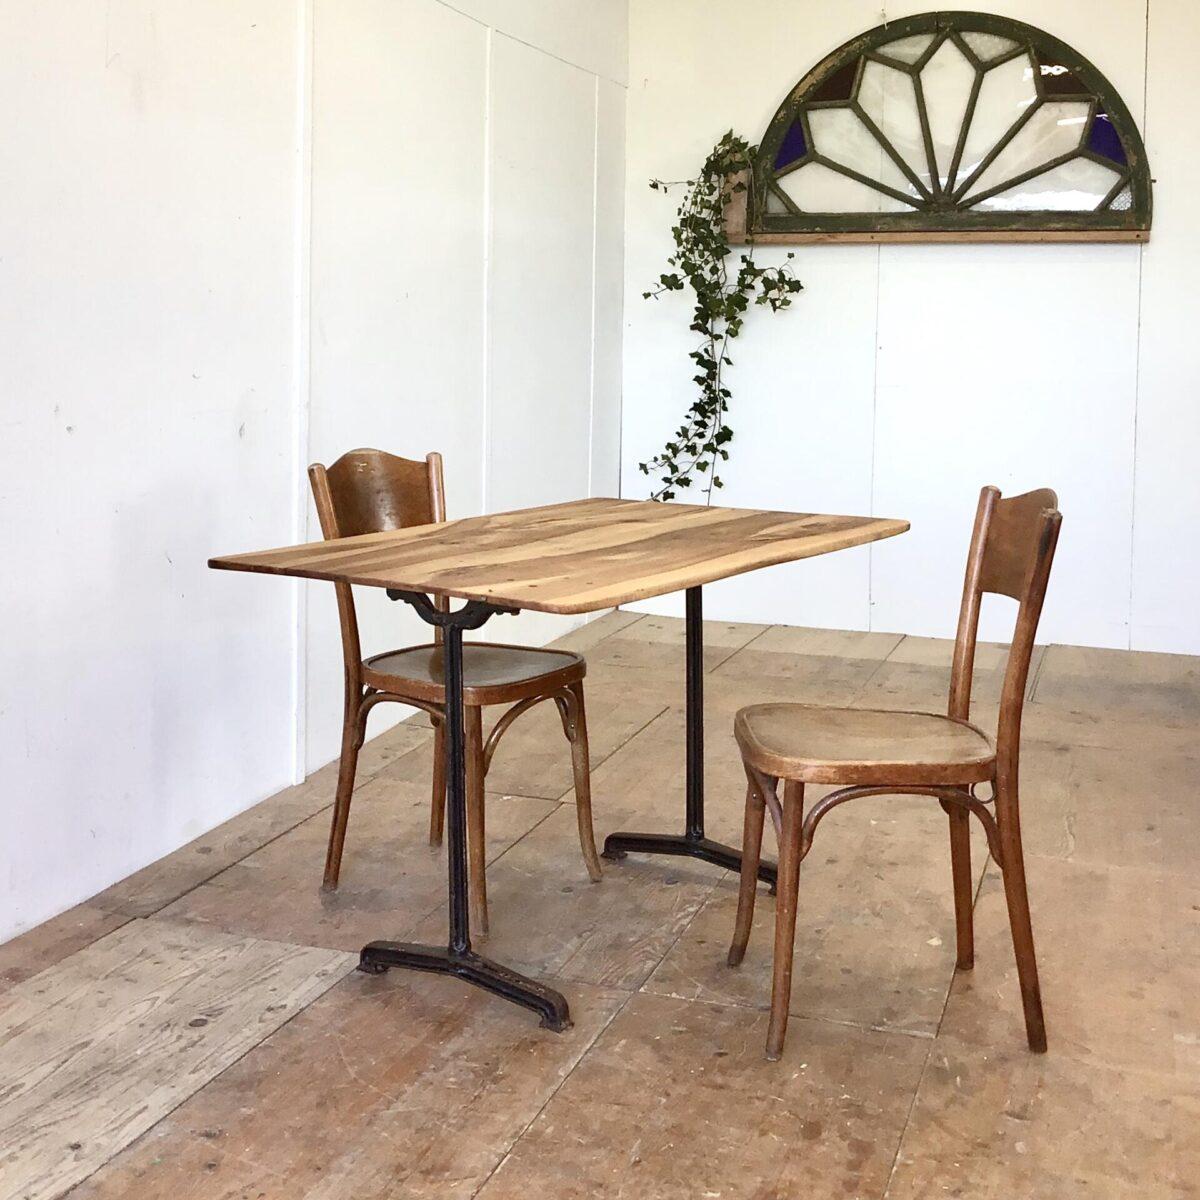 Nussbaum Tisch mit antiken Gussfüssen 118.5x77.5cm Höhe 74.5cm. Leicht verschieden dickes Tischblatt aus Nussbaumholz, mit französischen Gussfüssen. Dieser kleinere Beizentisch strahlt Romantisches Bistro Flair aus. Warme Lebhafte Holzmaserung mit Naturöl behandelt.